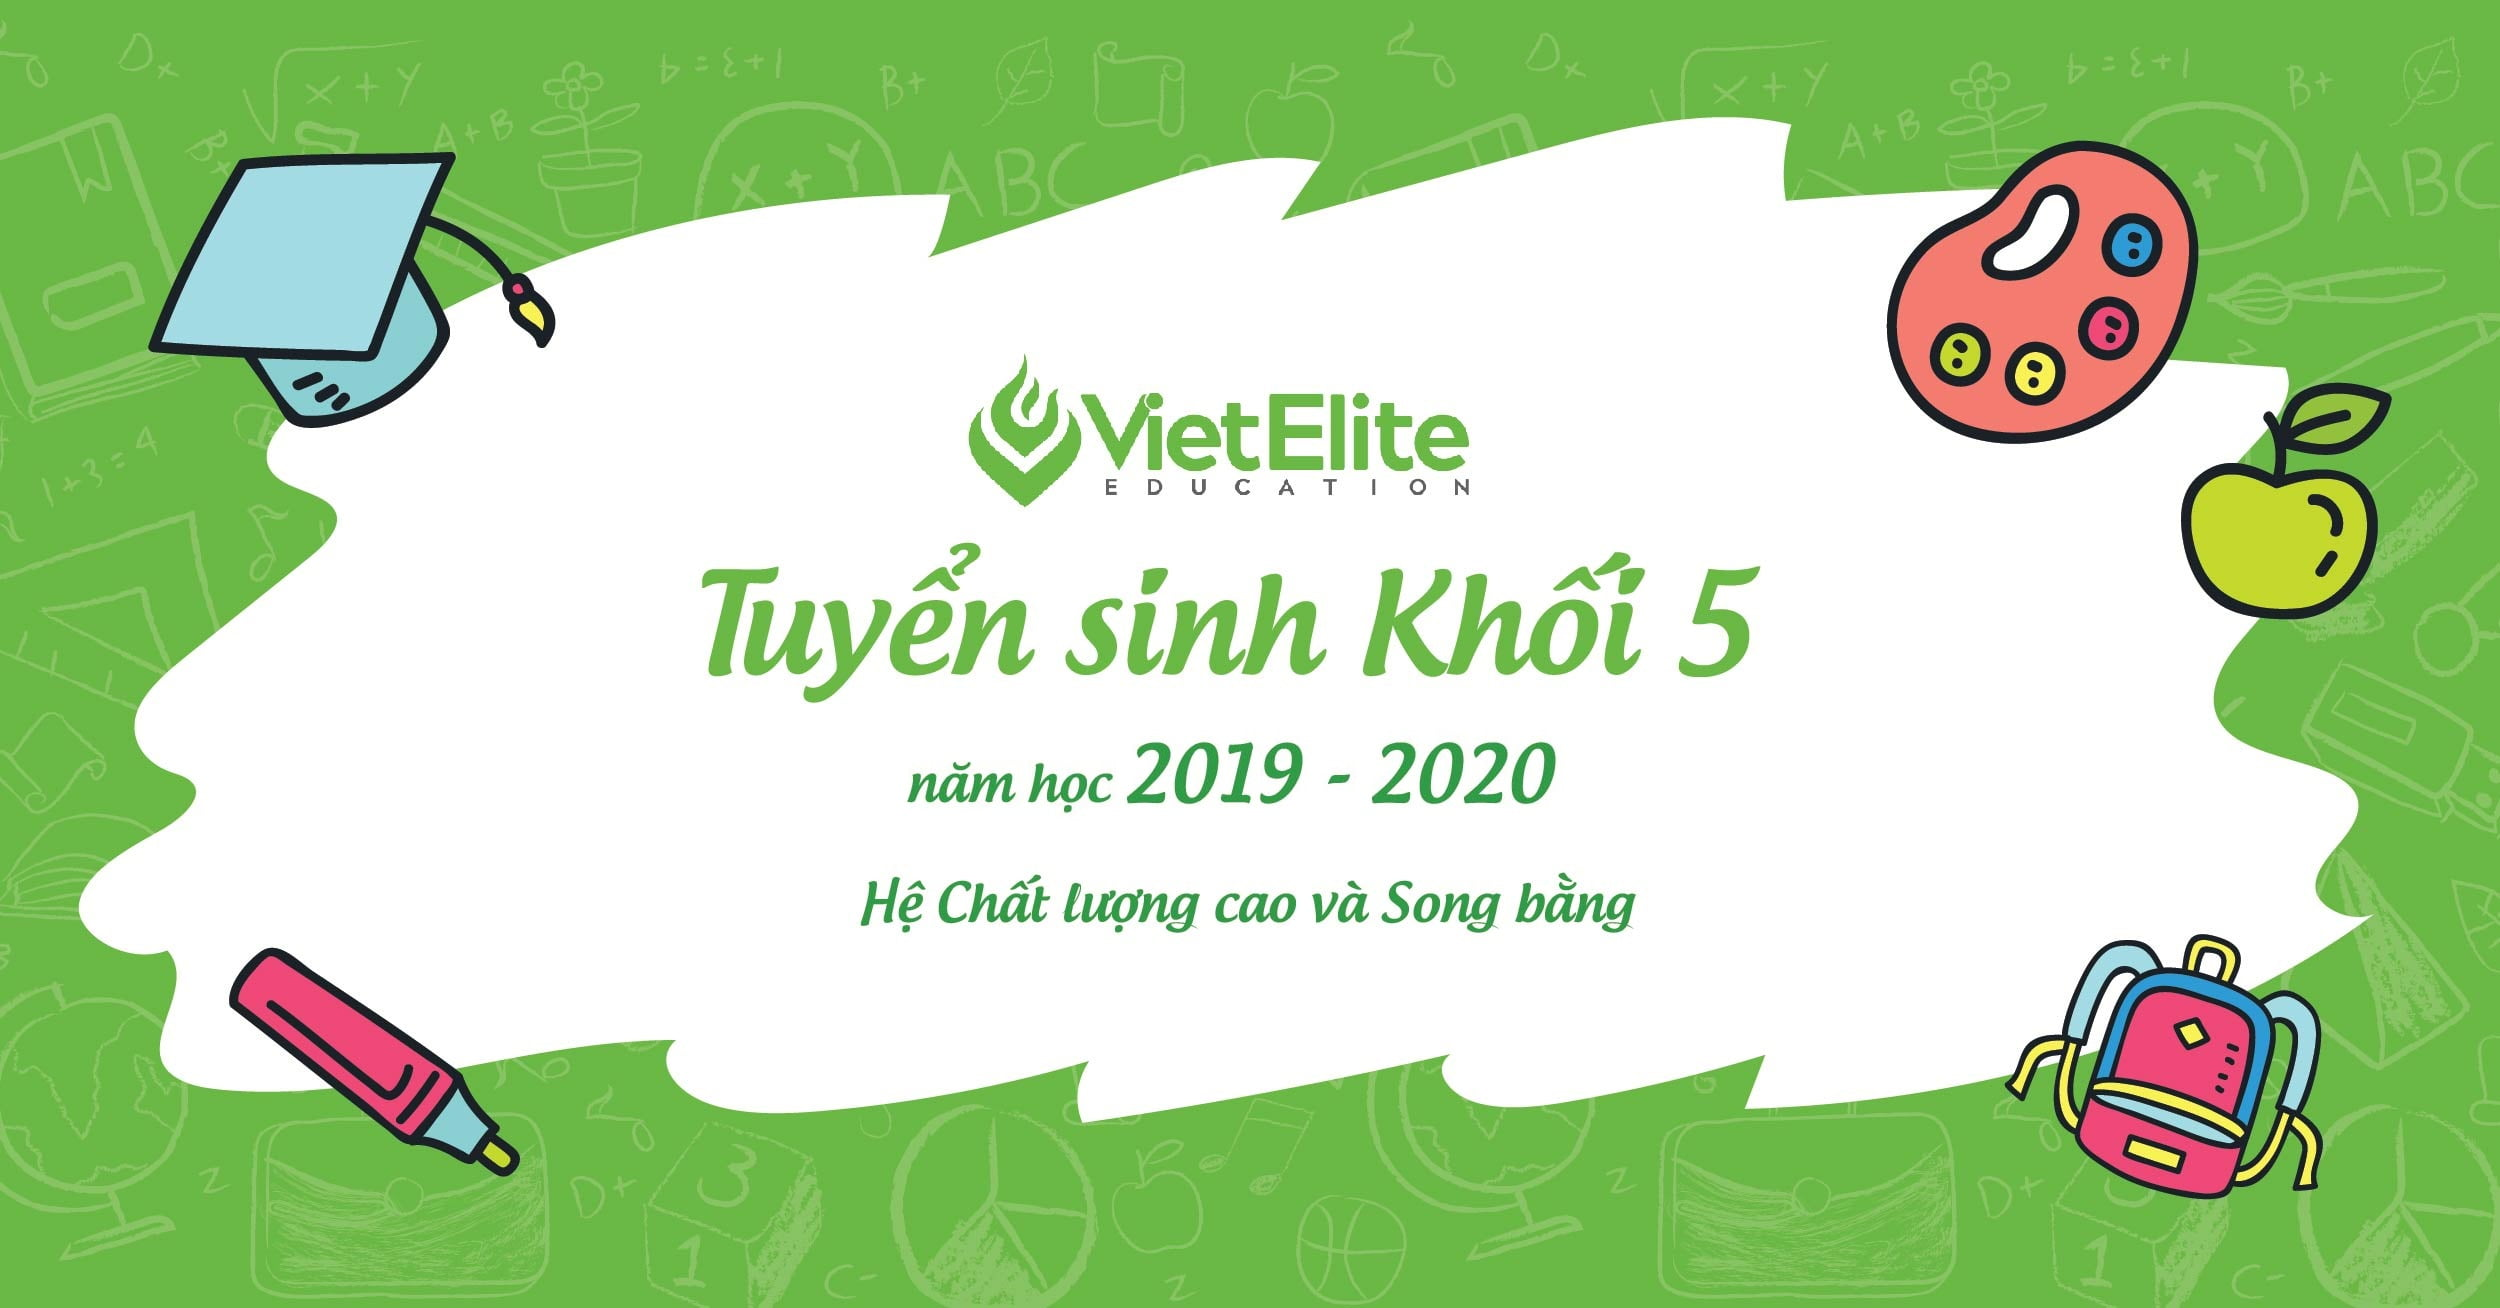 Tuyển sinh khôi 5 năm học 2019 - 2020